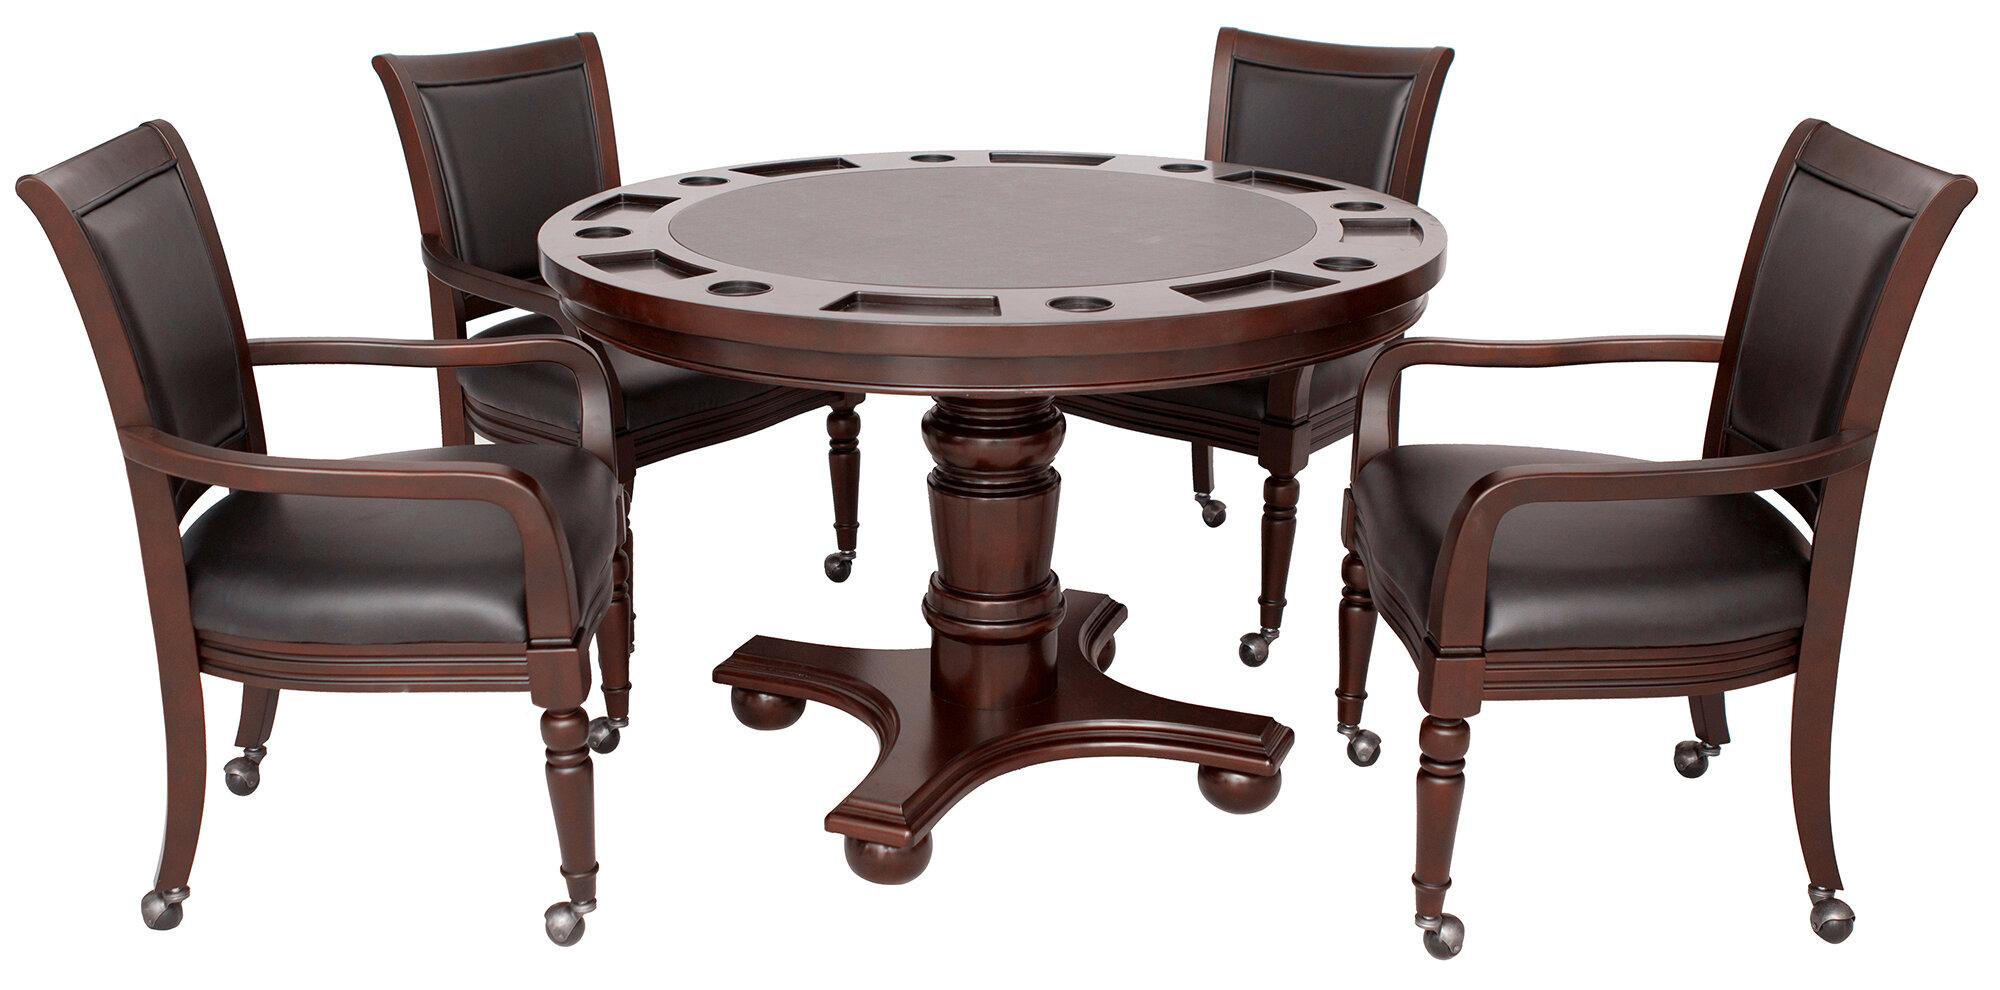 Bridgeport Dining Room Set